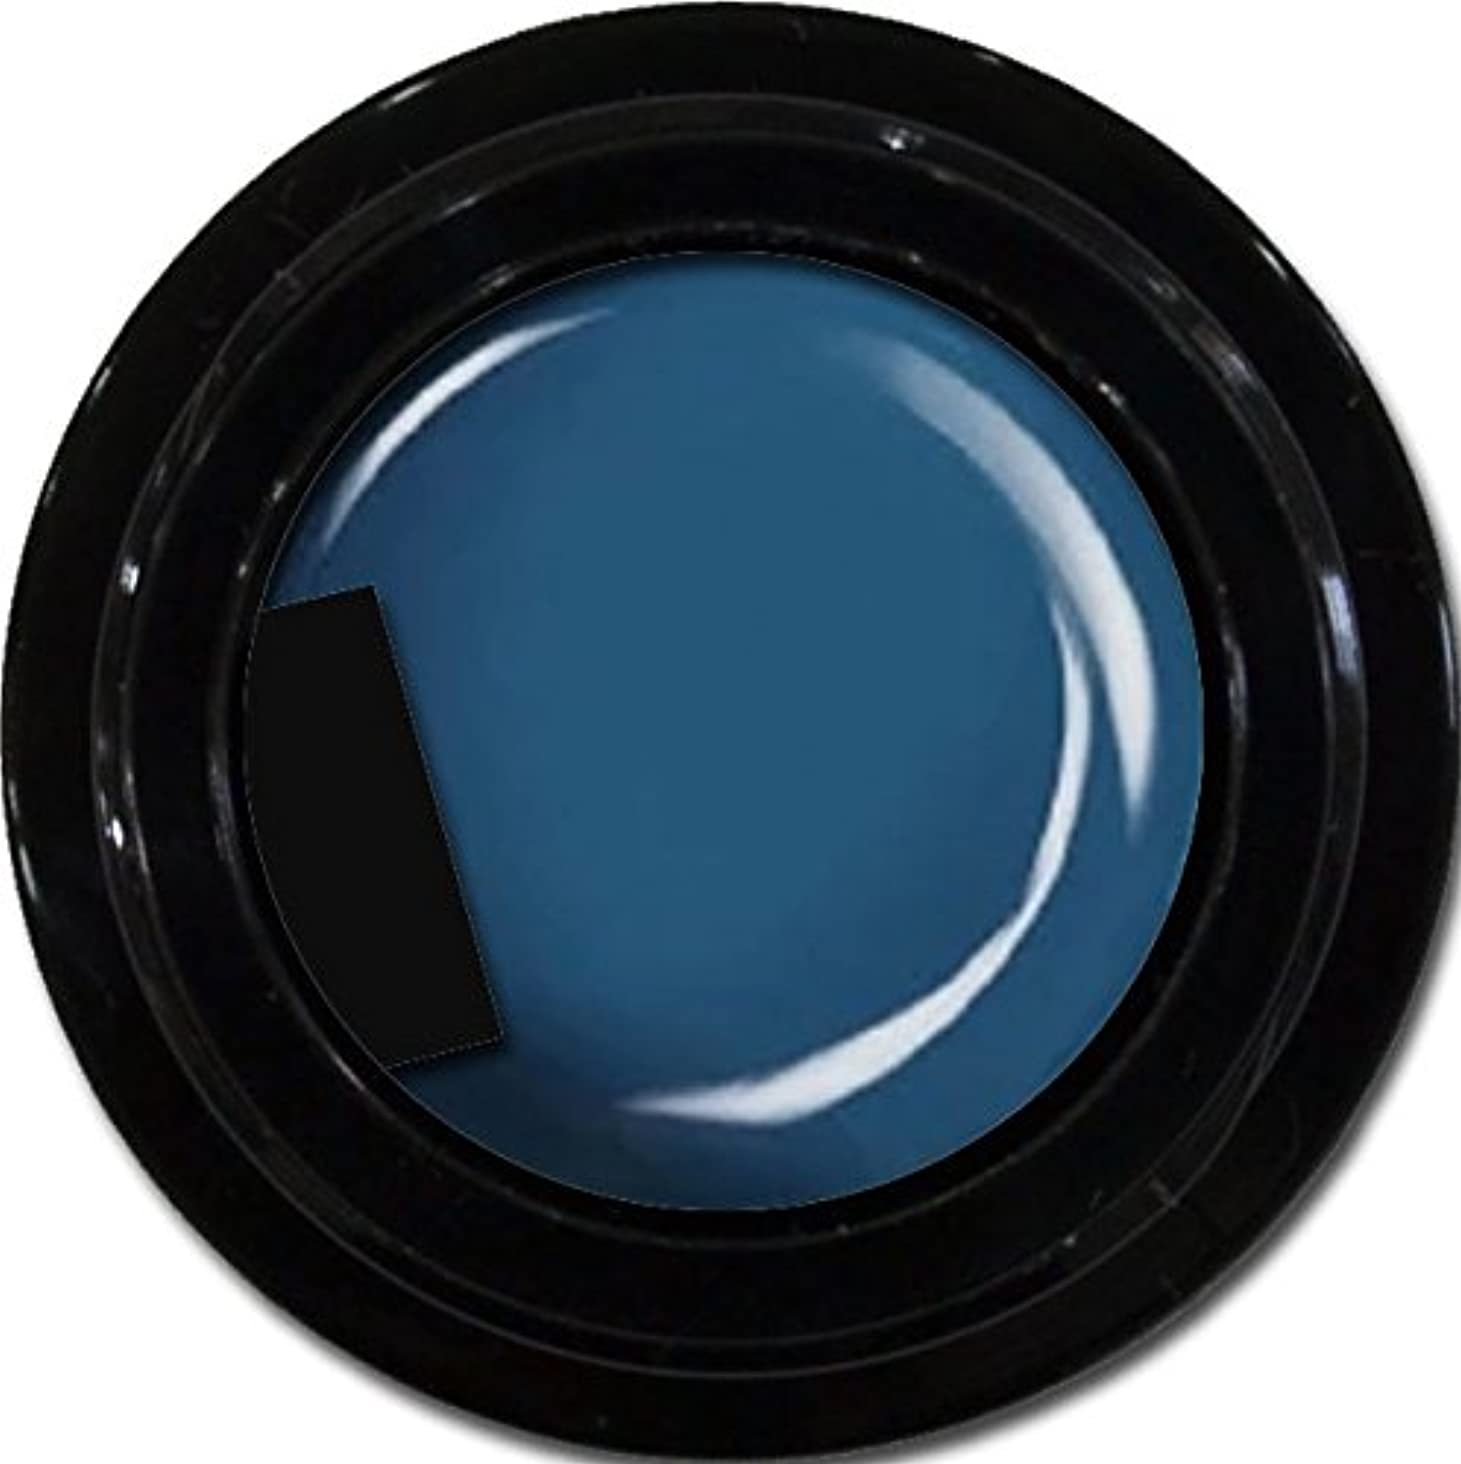 仕立て屋スポーツマン平和カラージェル enchant color gel M717 LegendBlue 3g/ マットカラージェル M717 レジェンドブルー 3グラム